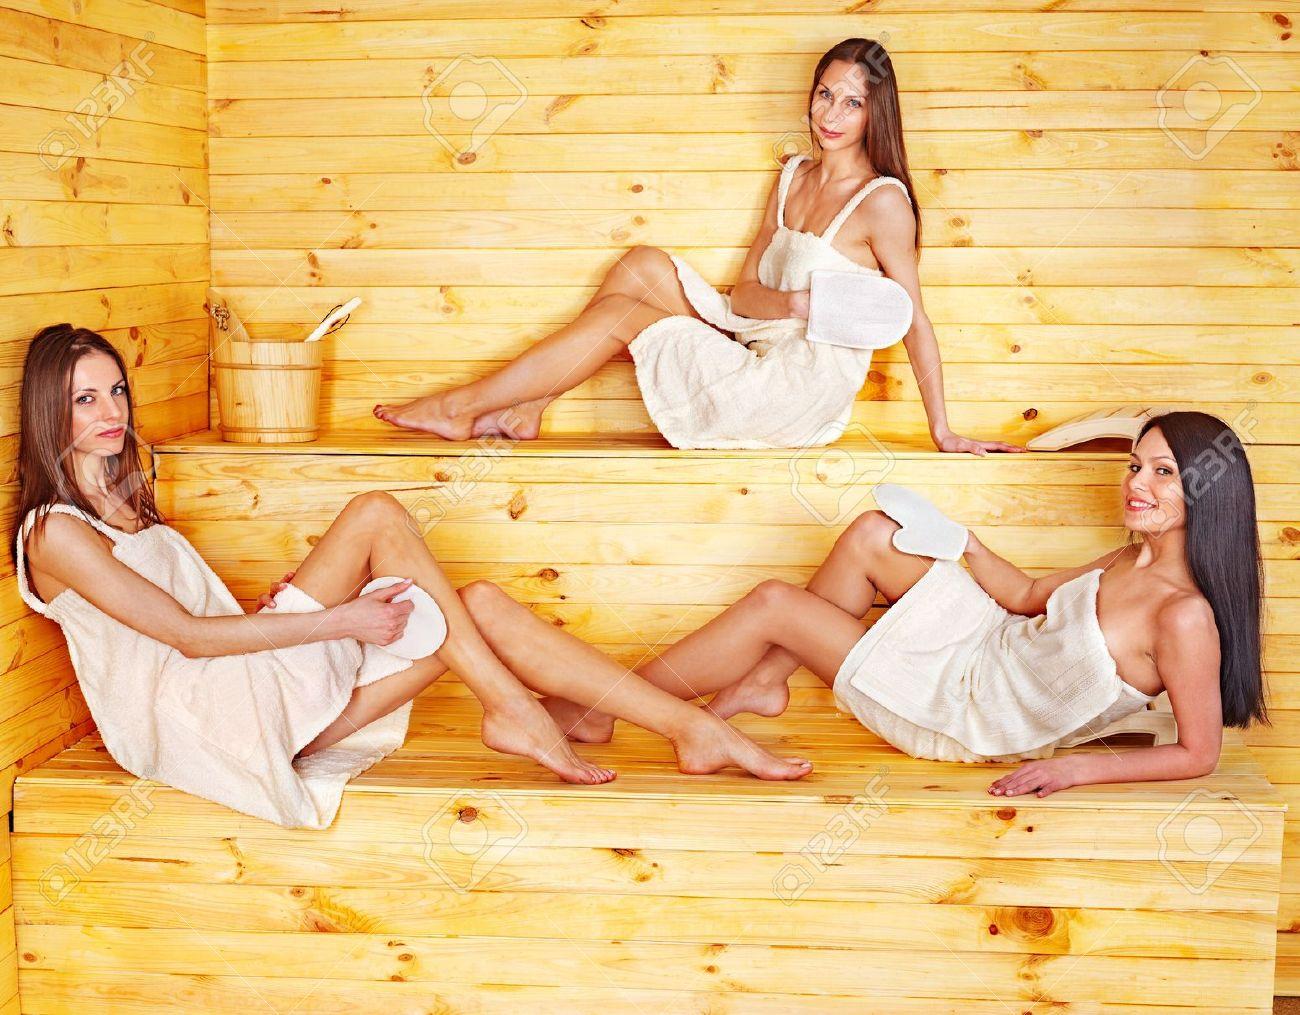 Финки и просто красавицы в бане 12 фотография